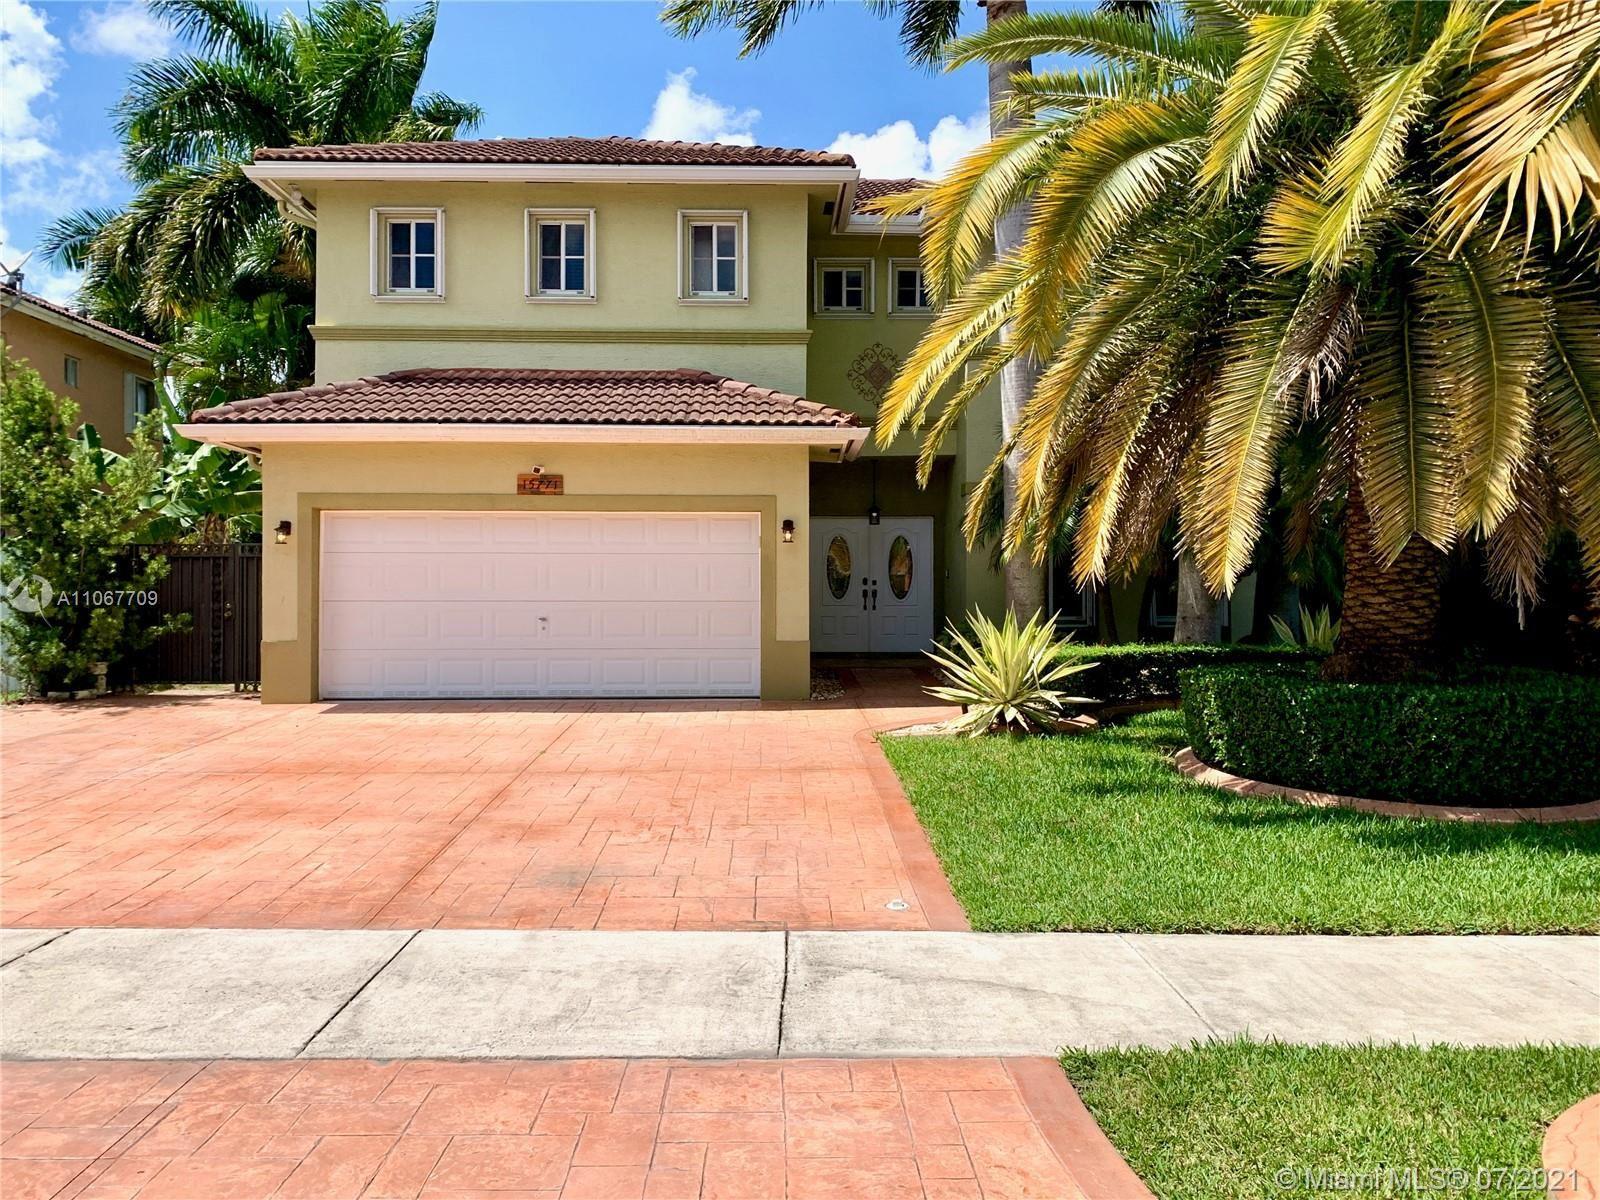 15771 SW 147th St, Miami, FL 33196 - #: A11067709